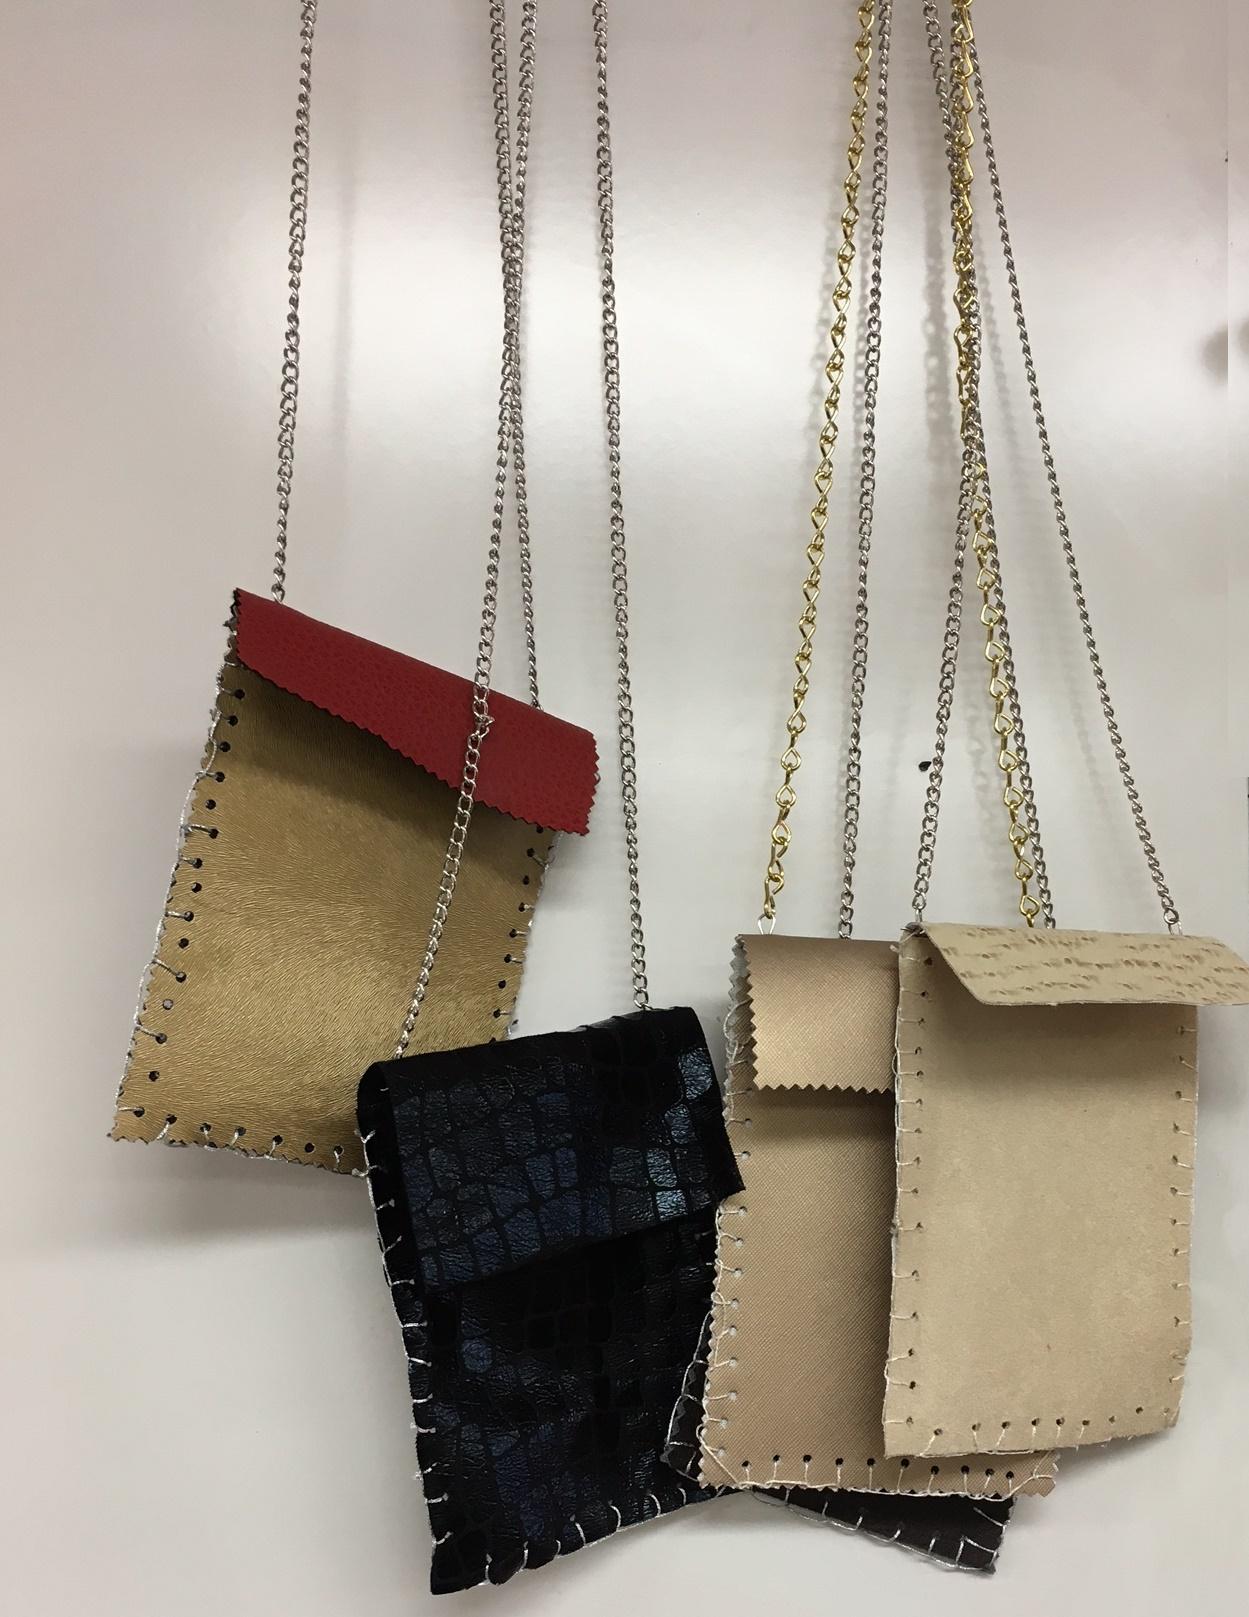 Upcycled Purses made using FabMo fabrics